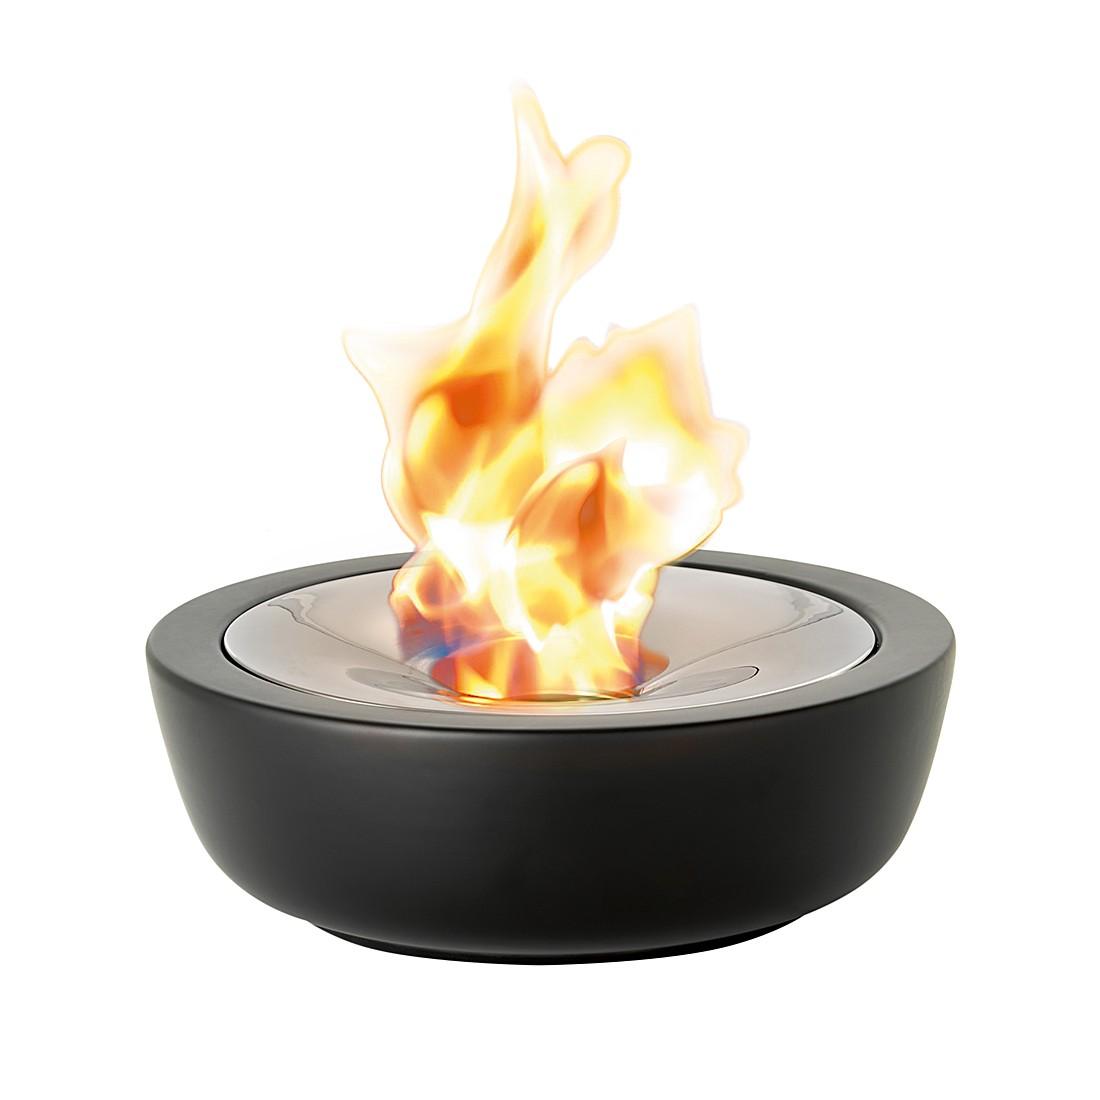 Gelfeuerstelle Fuoco Edelstahl – frostsicher, Blomus bestellen